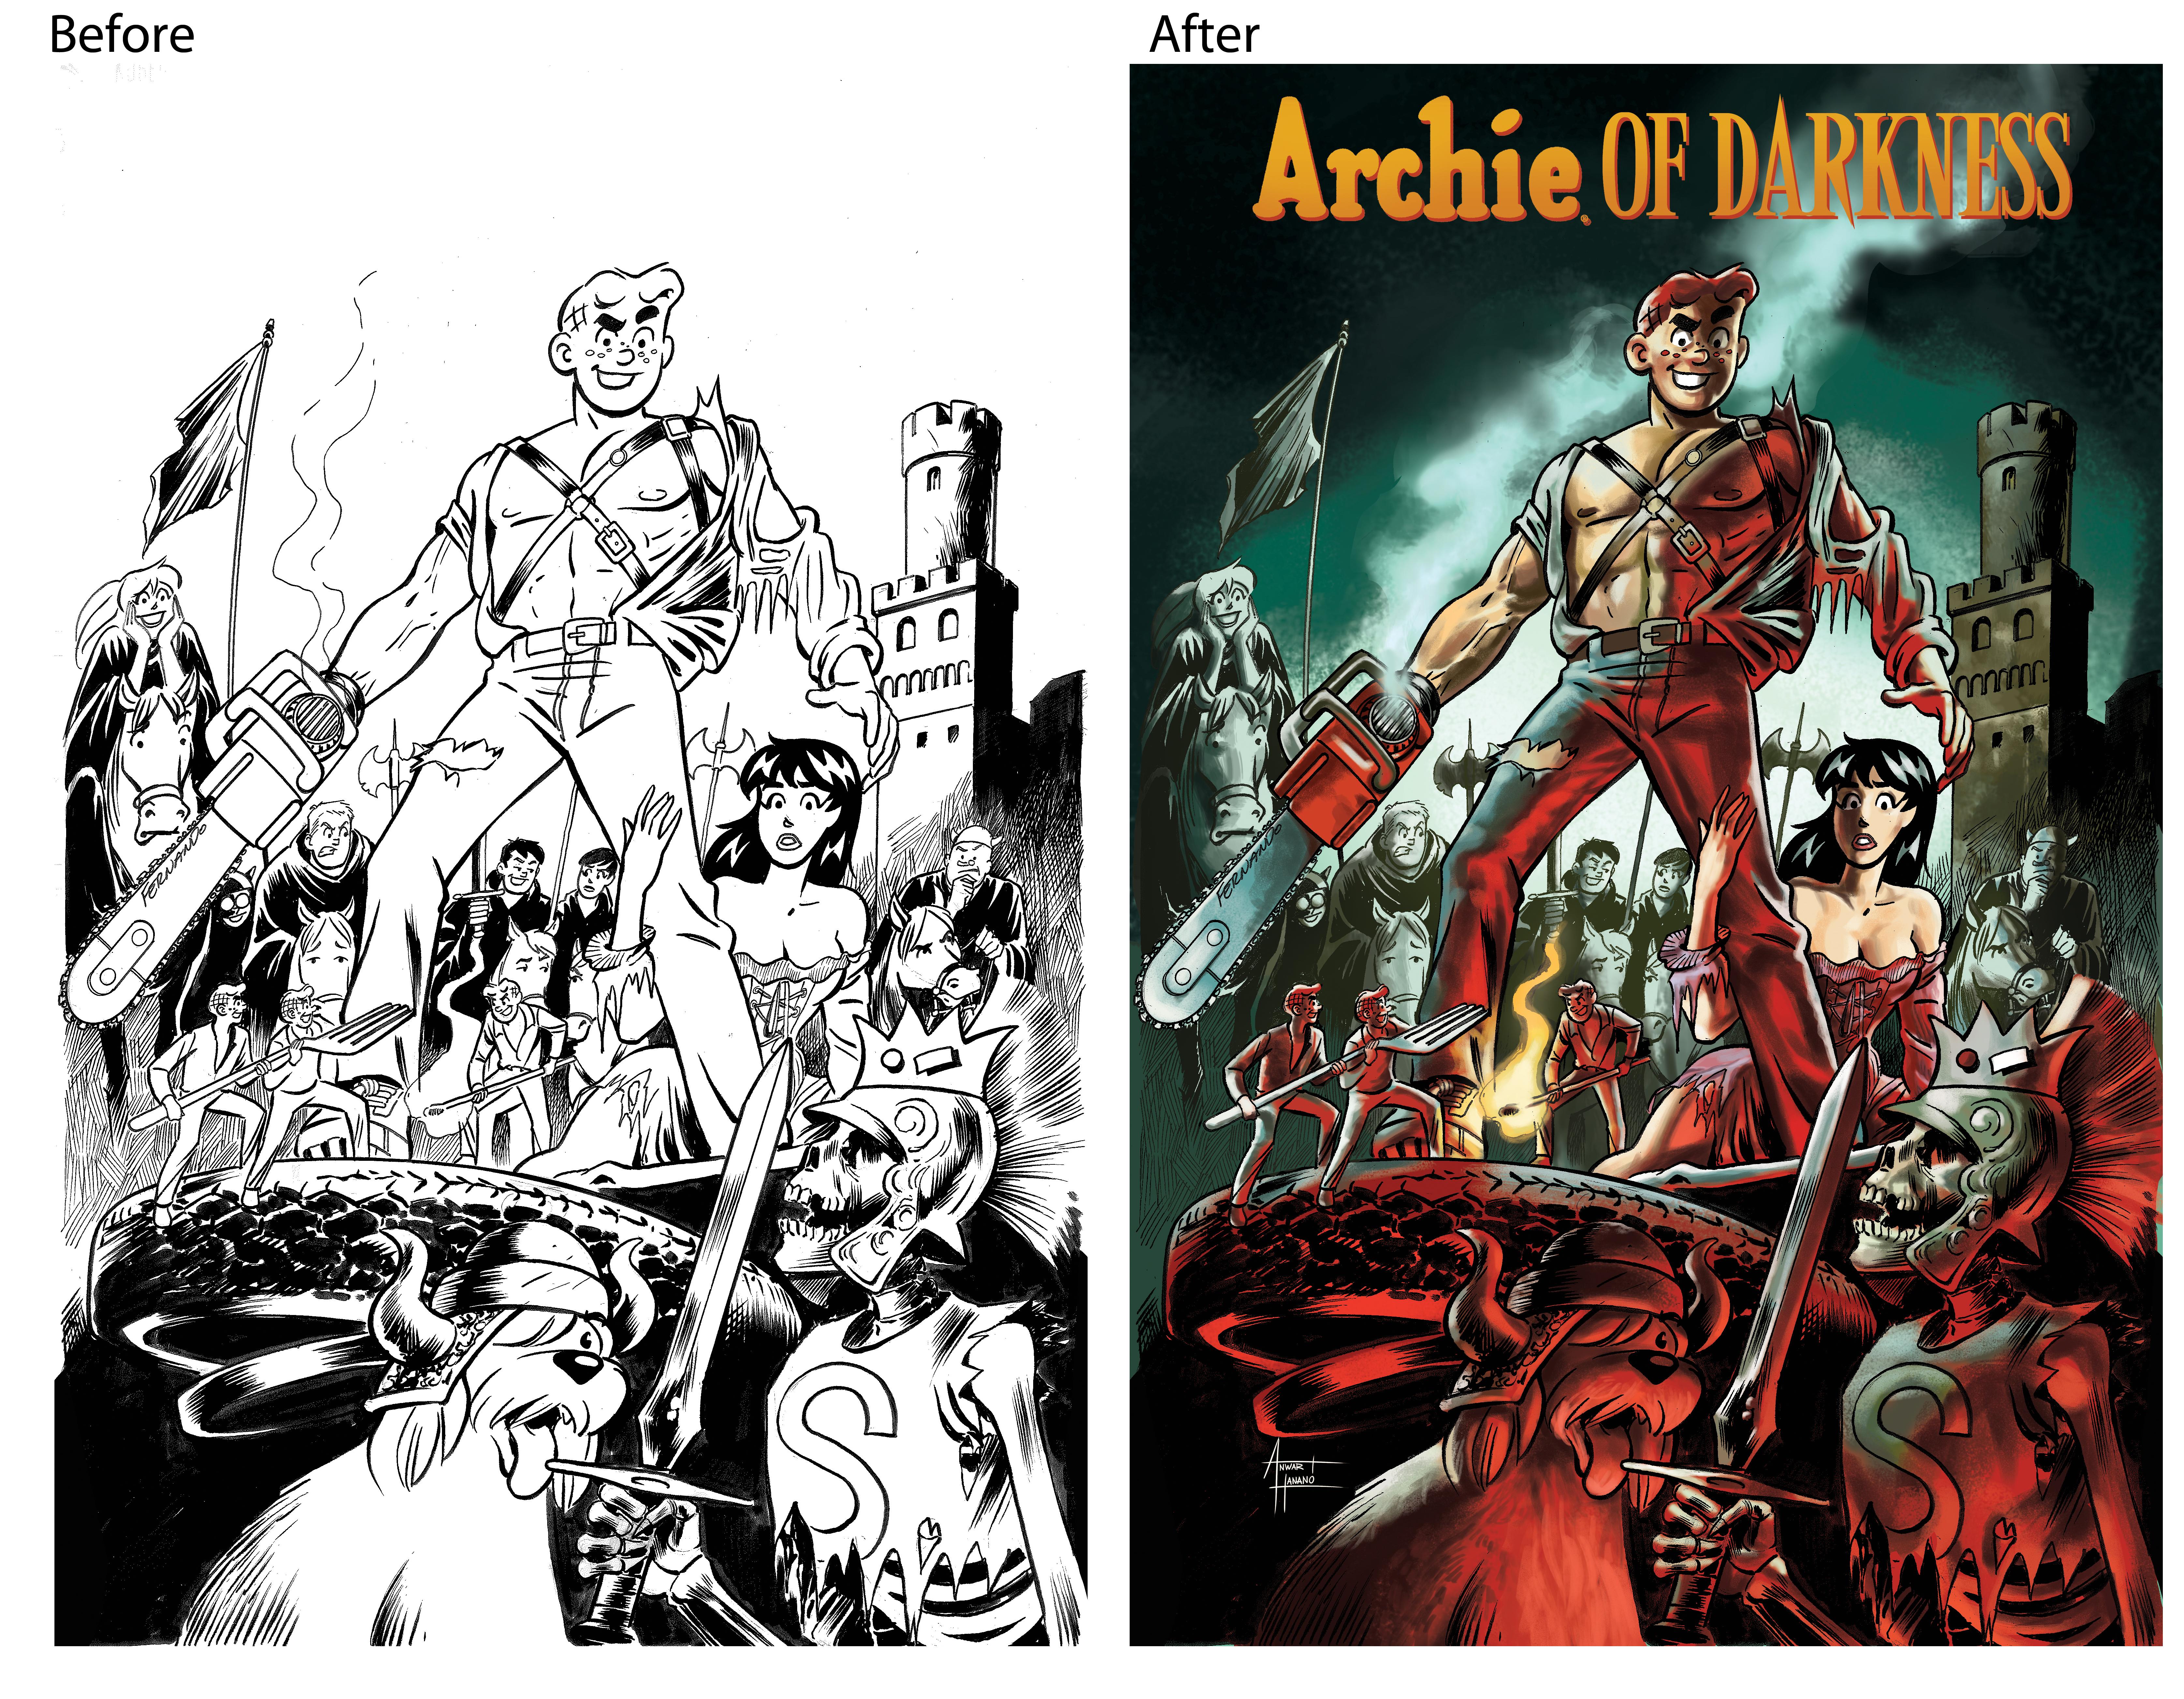 Archie Of Darkness